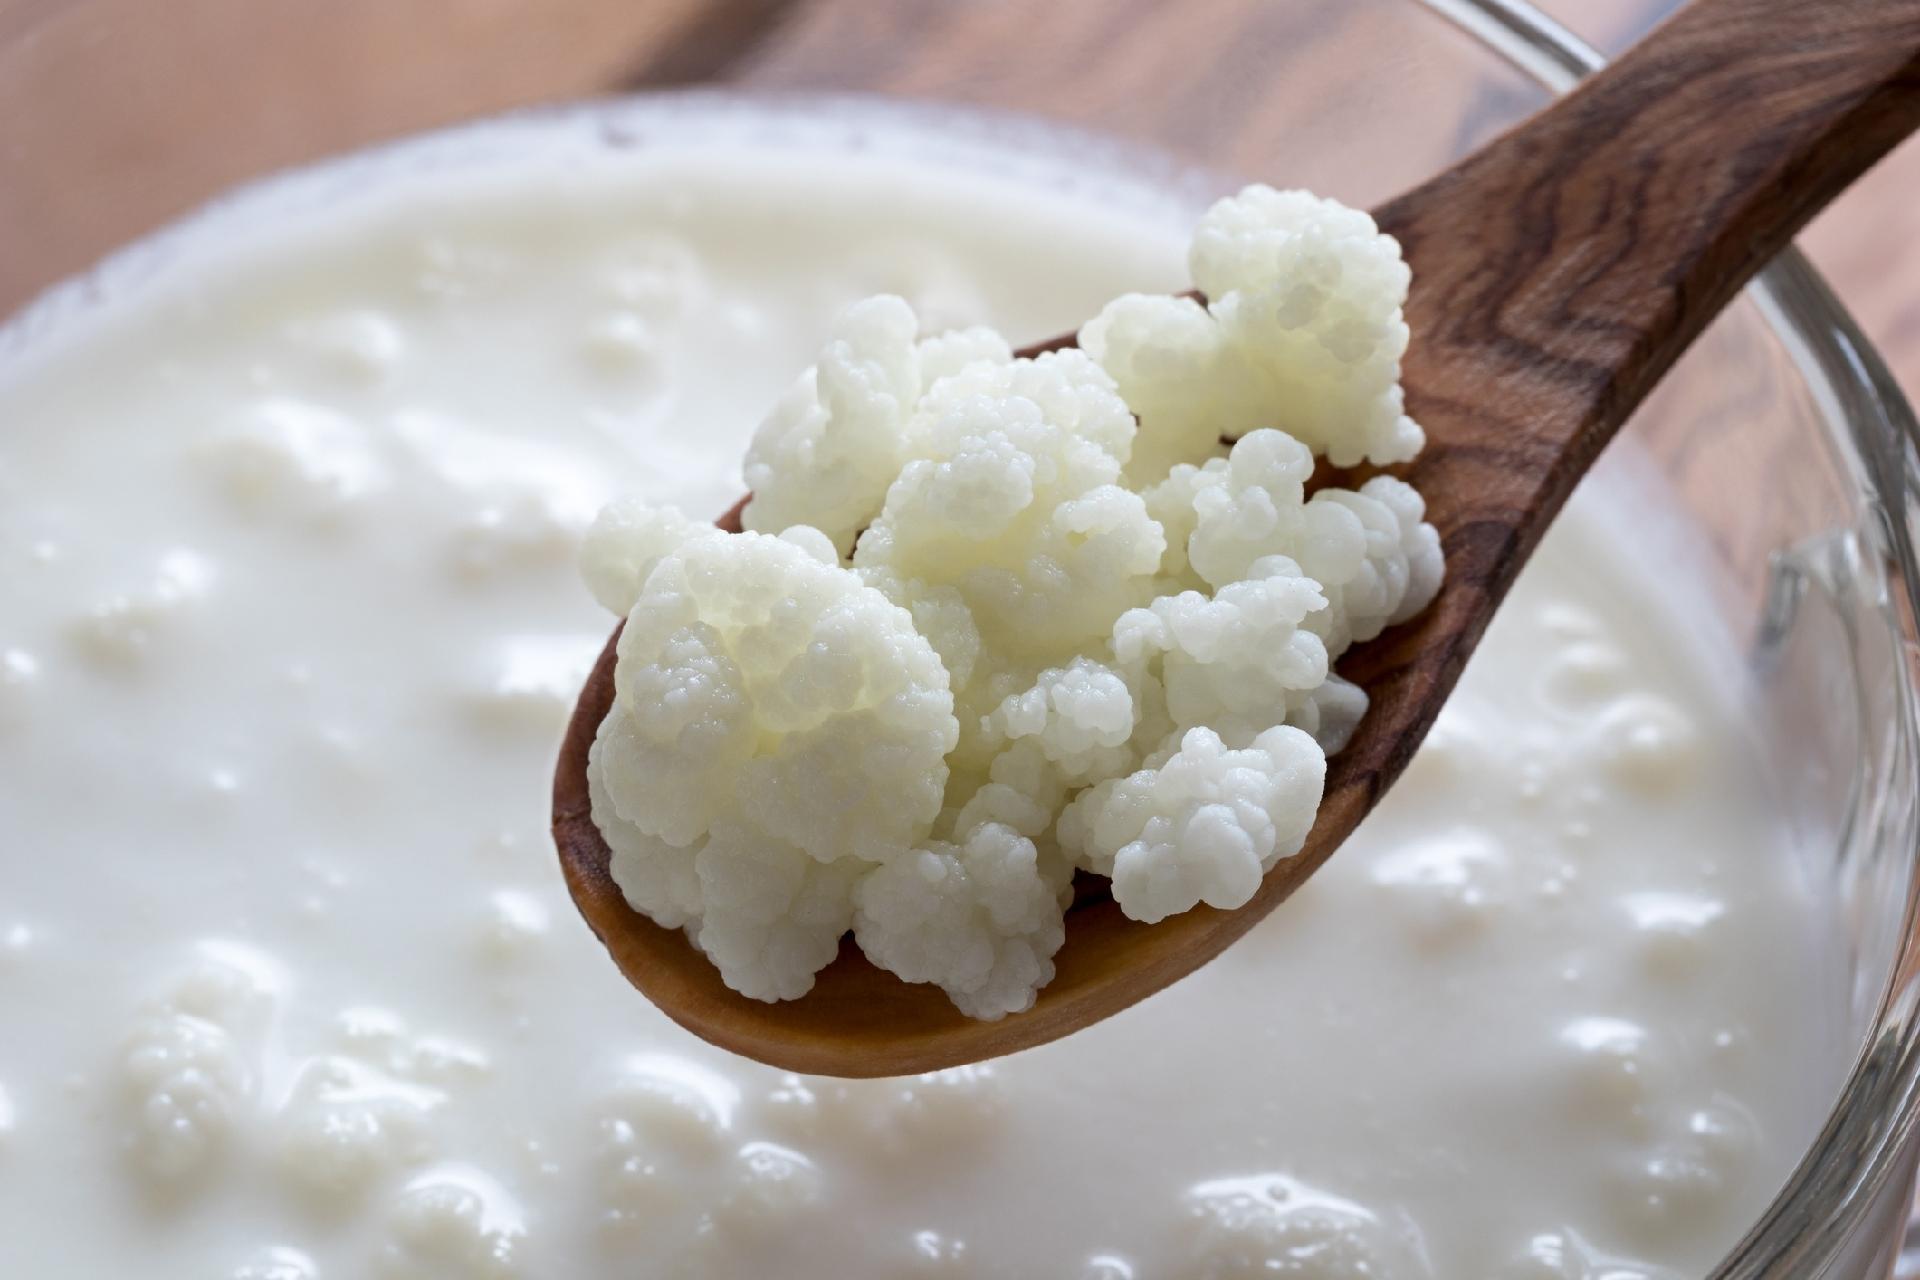 Gosto de iogurte e benefícios para a saúde de todos!